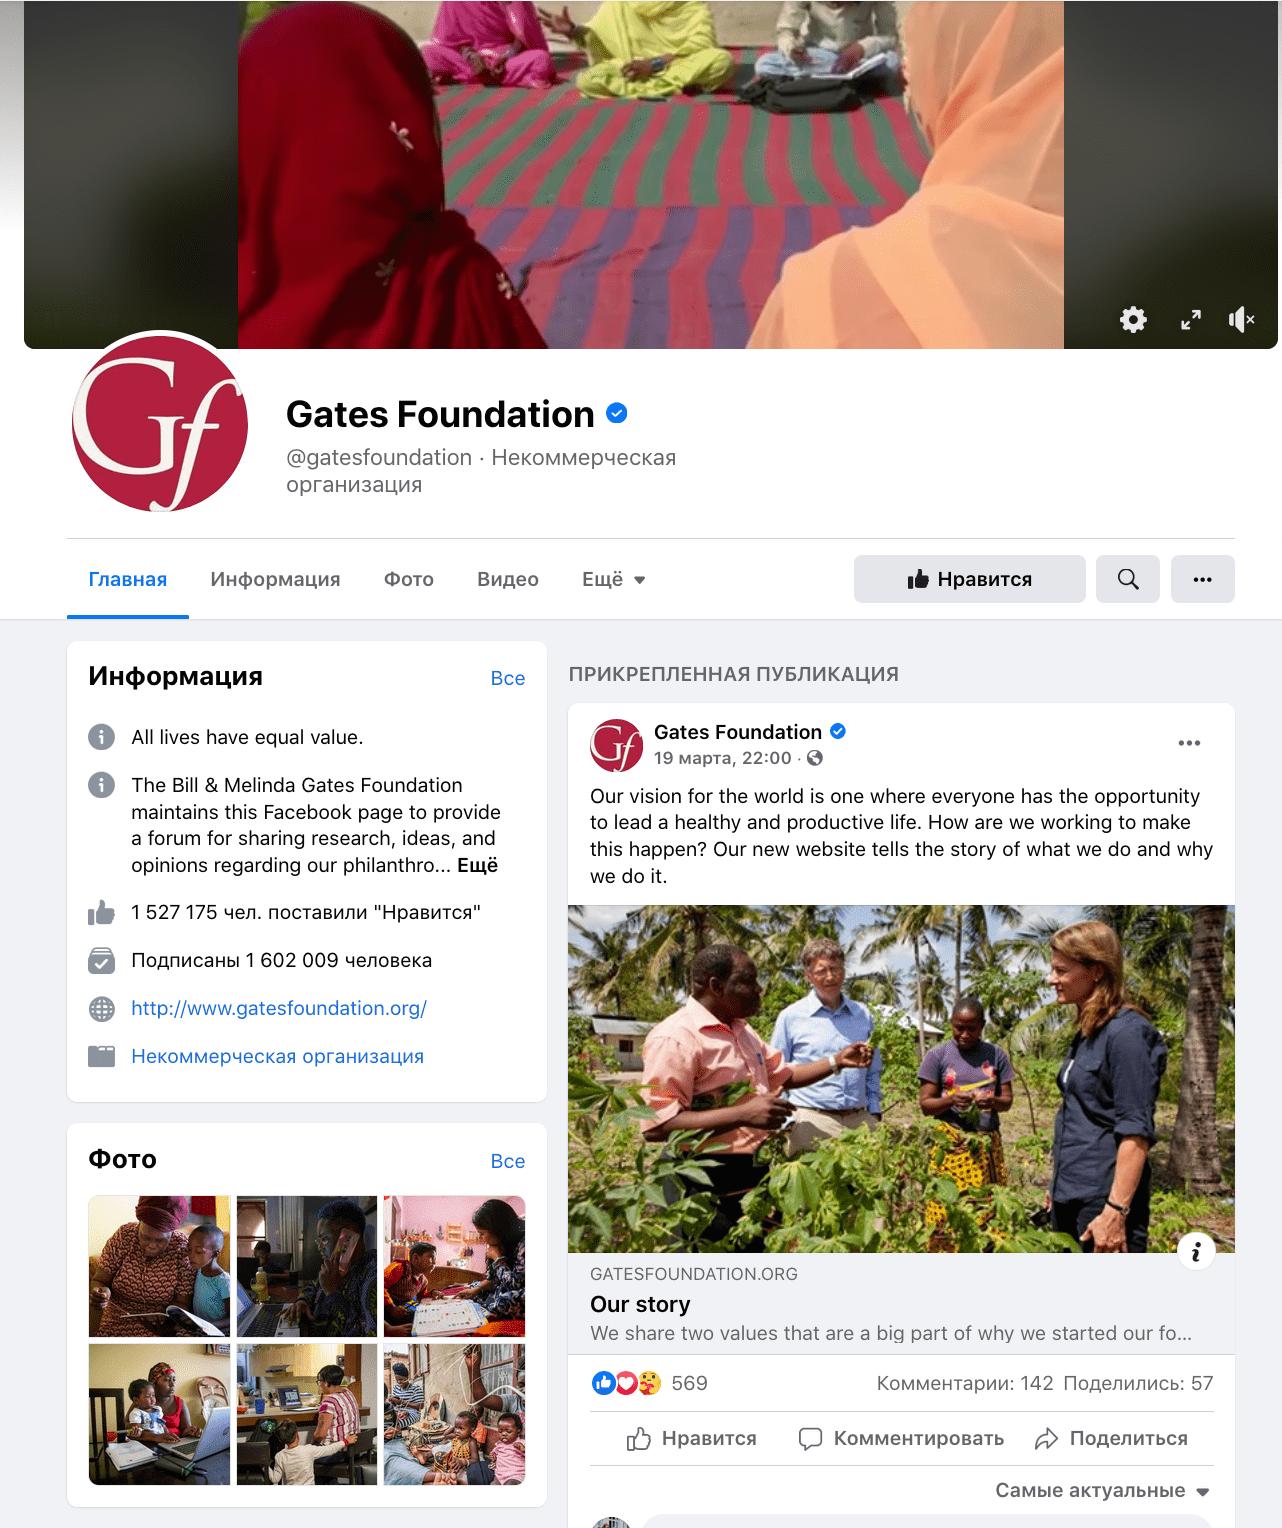 профиль благотворительного фонда в Facebook